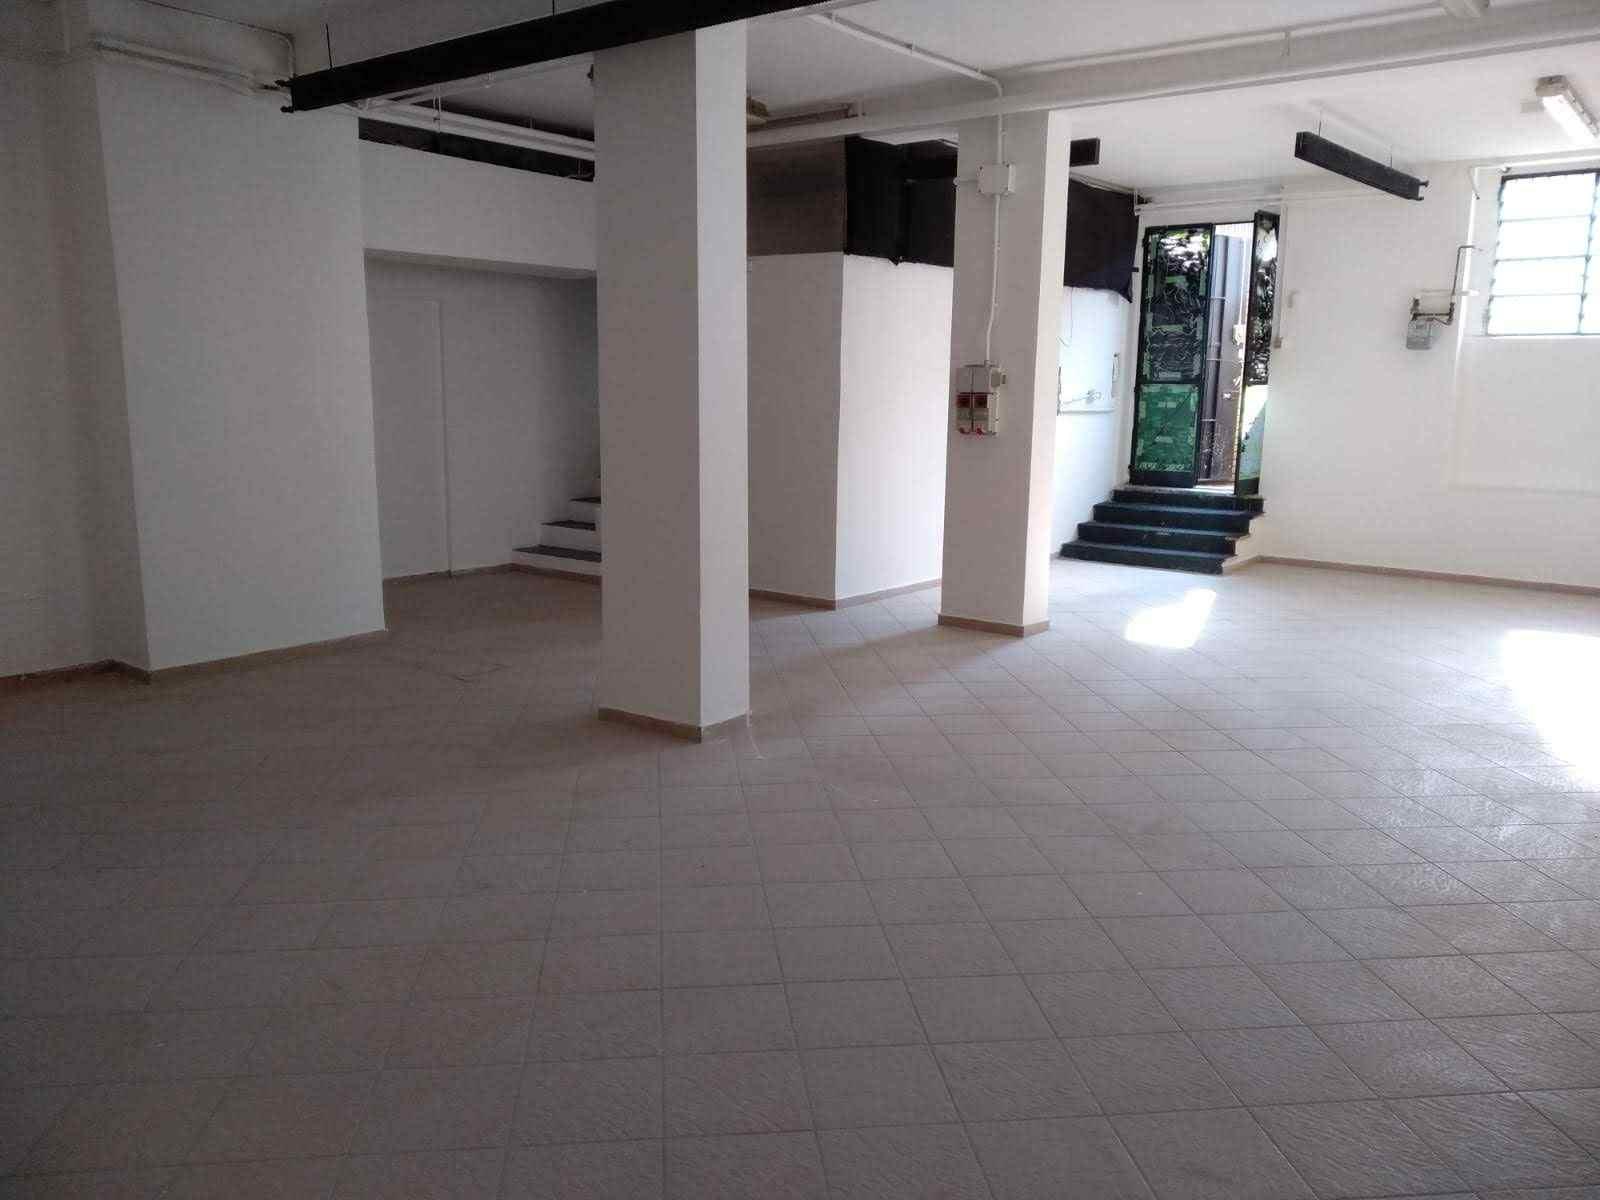 laboratorio-in-affitto-milano-baggio-C2-spaziourbano-immobiliare-vende-6